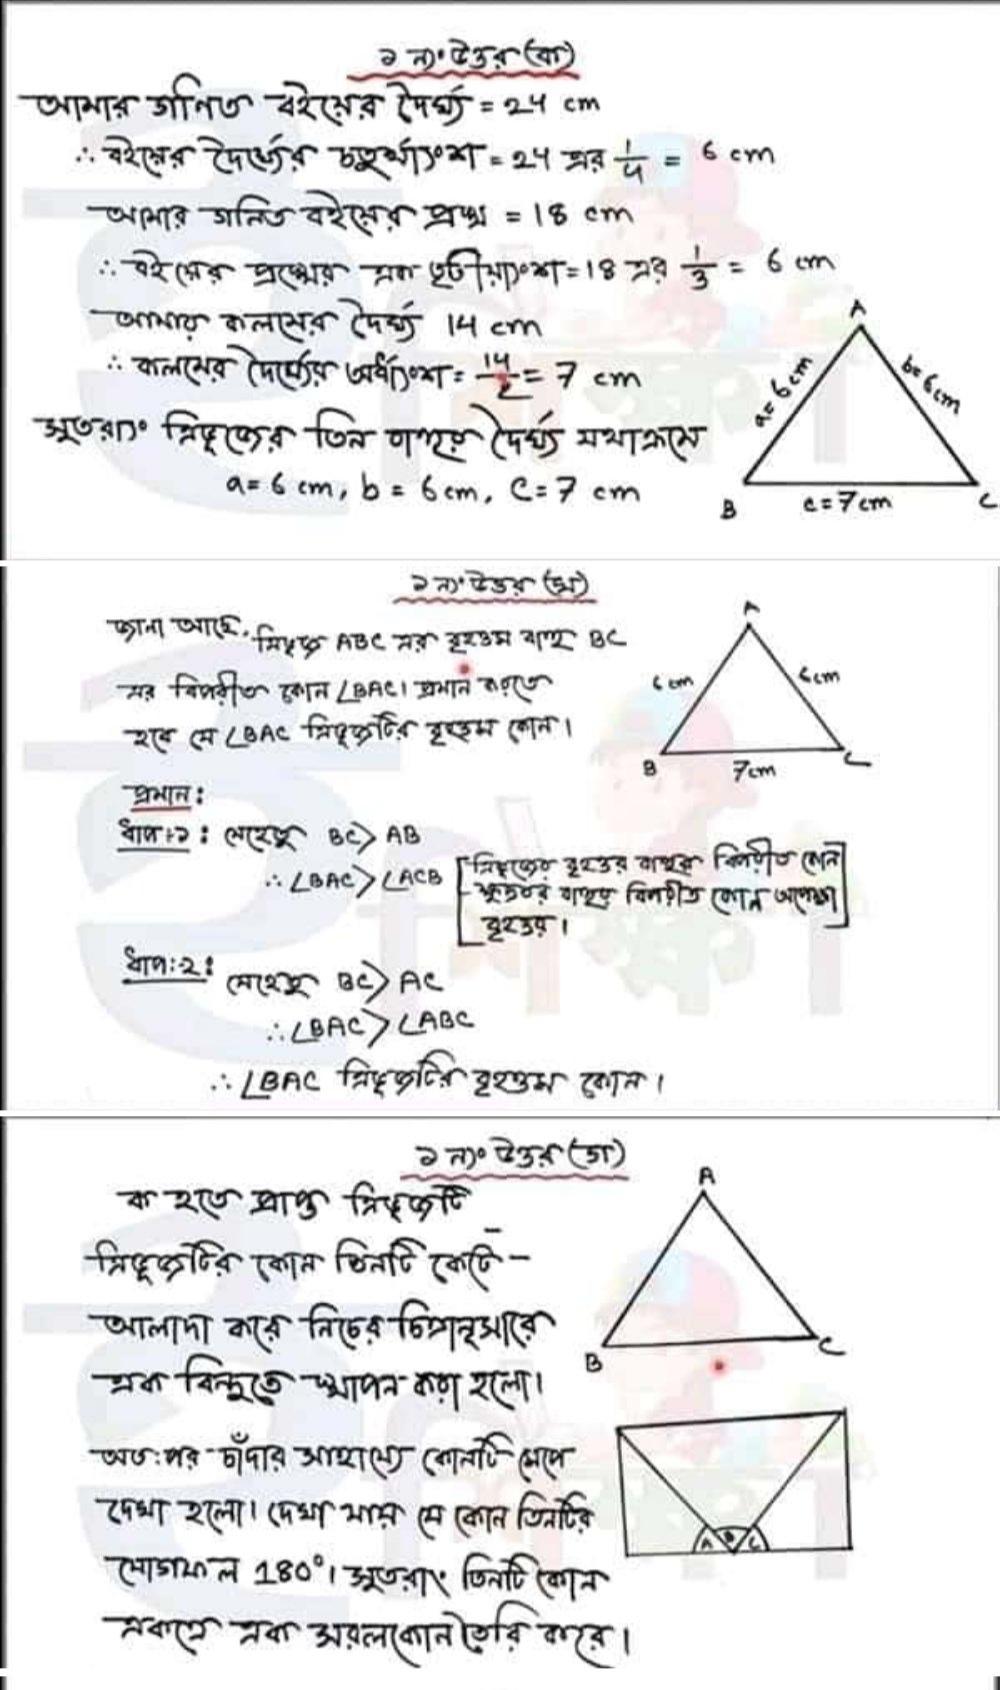 সপ্তম শ্রেনীর ষষ্ট সপ্তাহের এসাইনমেন্ট সমাধান গণিত | Class 7,6th Week Math Assignment Solution